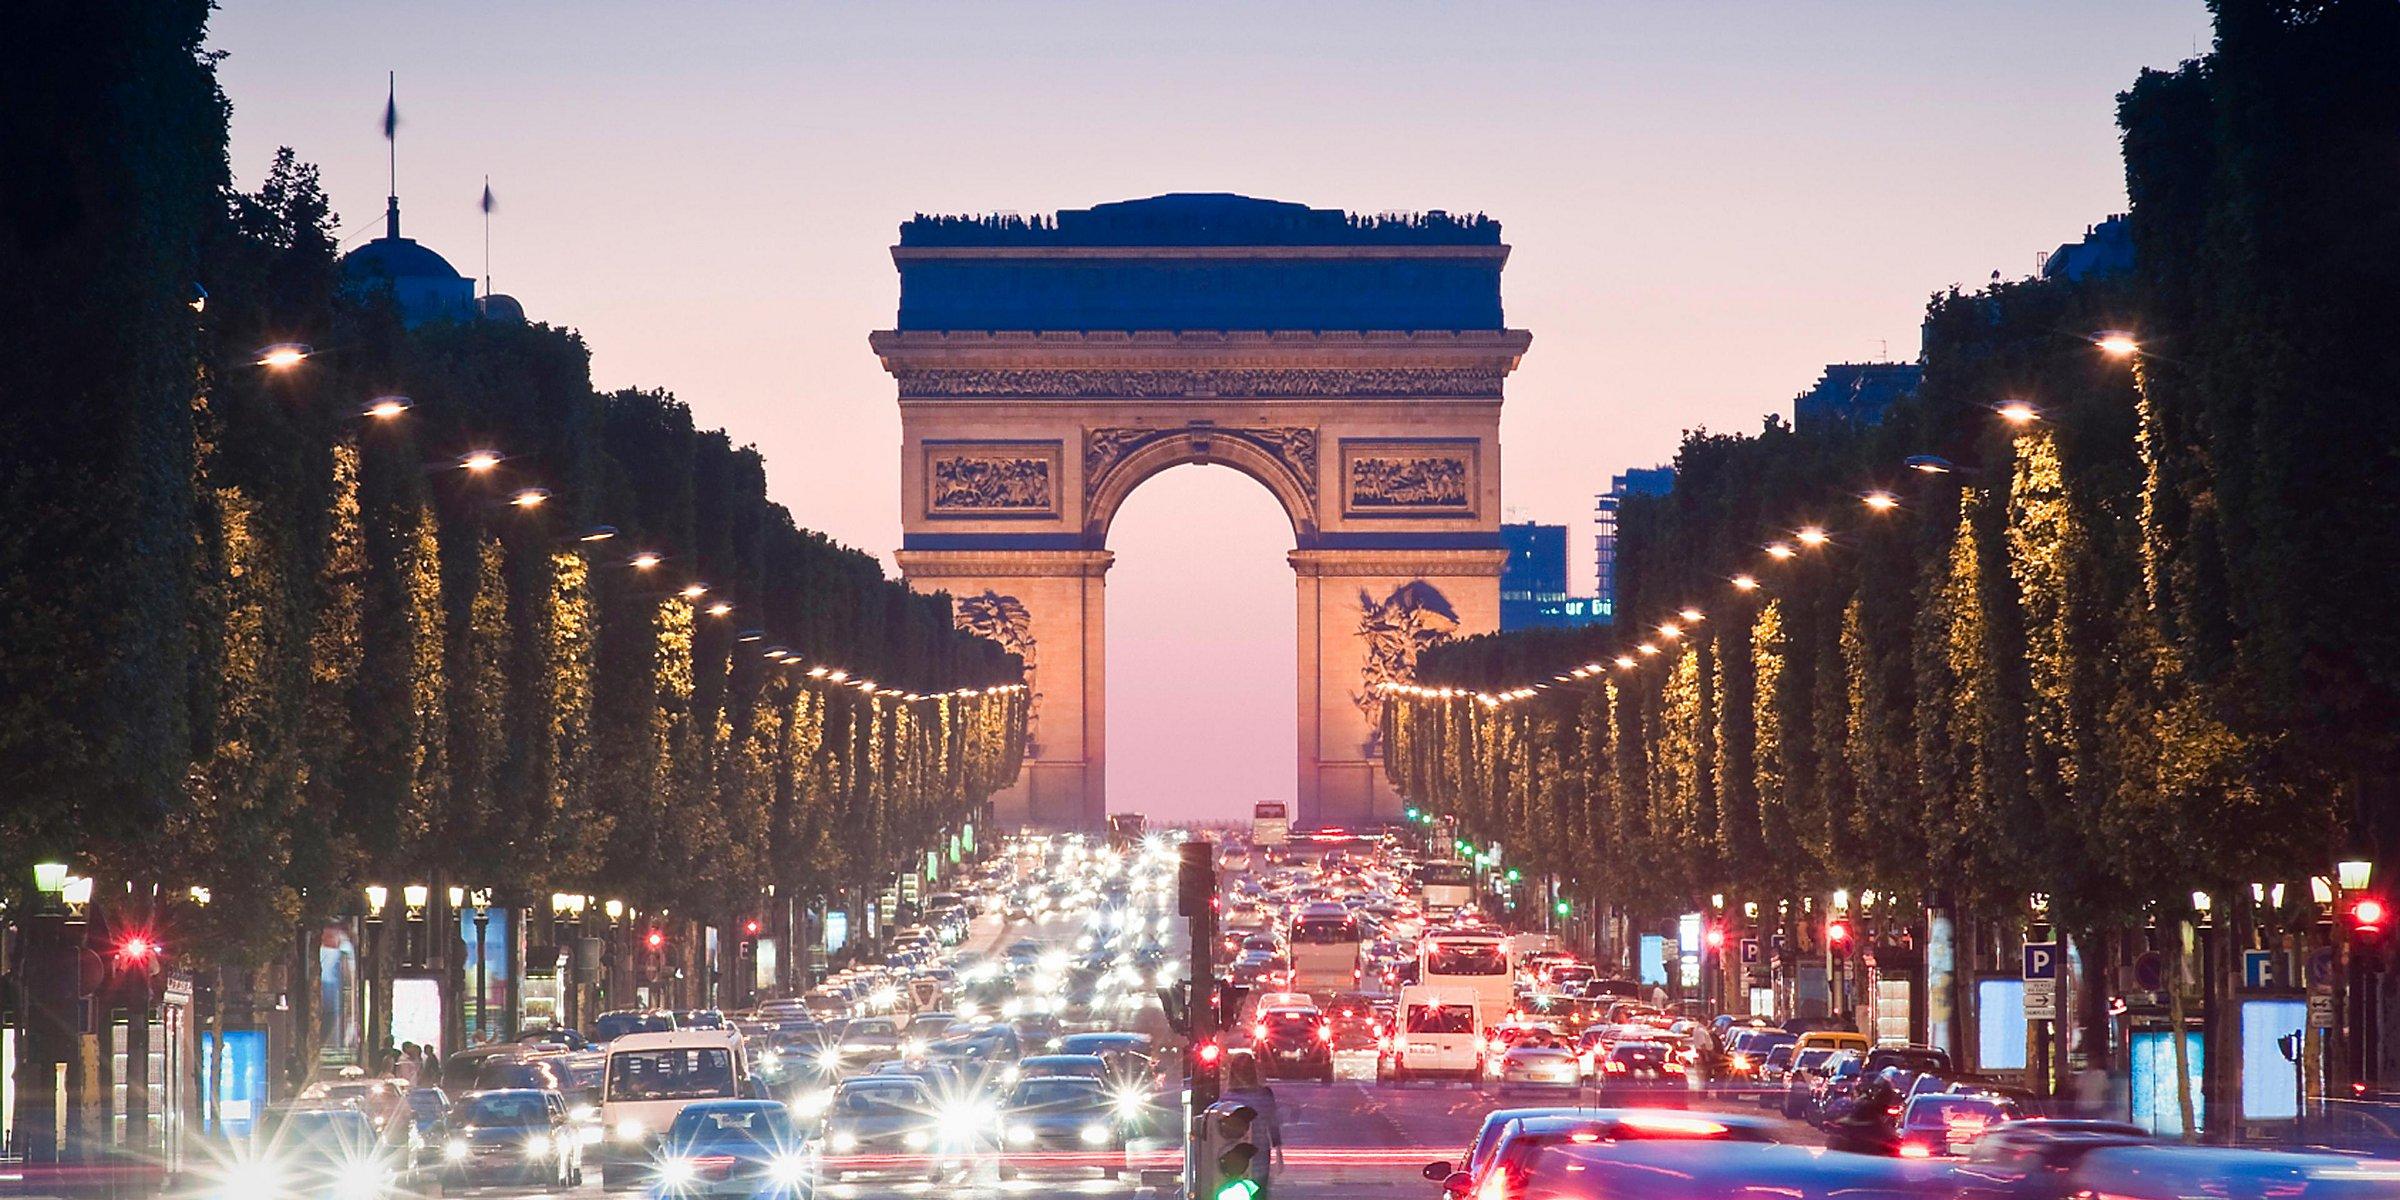 Hôtel de luxe 5 étoiles près de l\'Arc de Triomphe ...